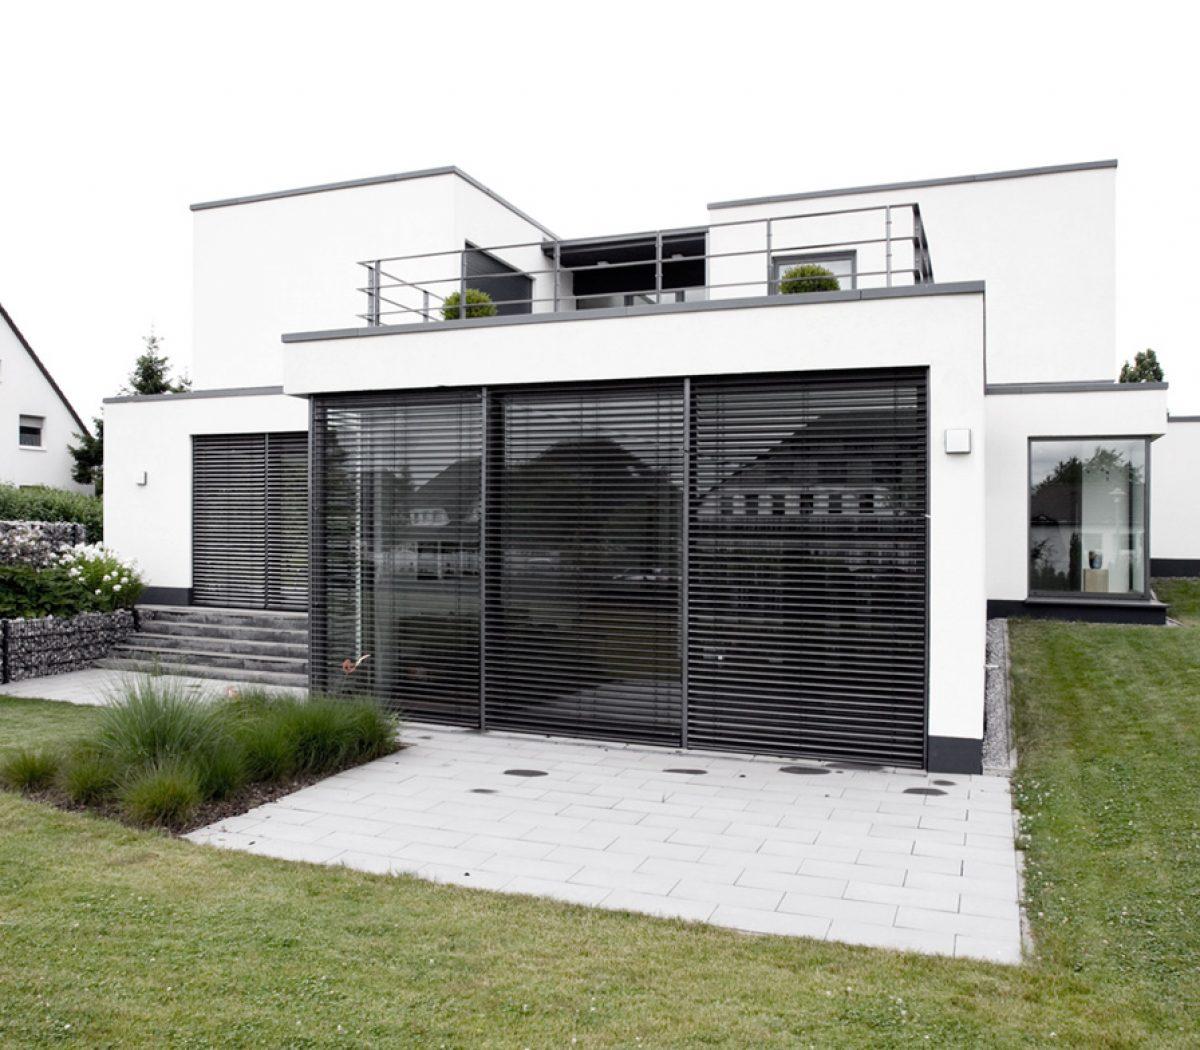 Bauwerk Architekten Dortmund Dem